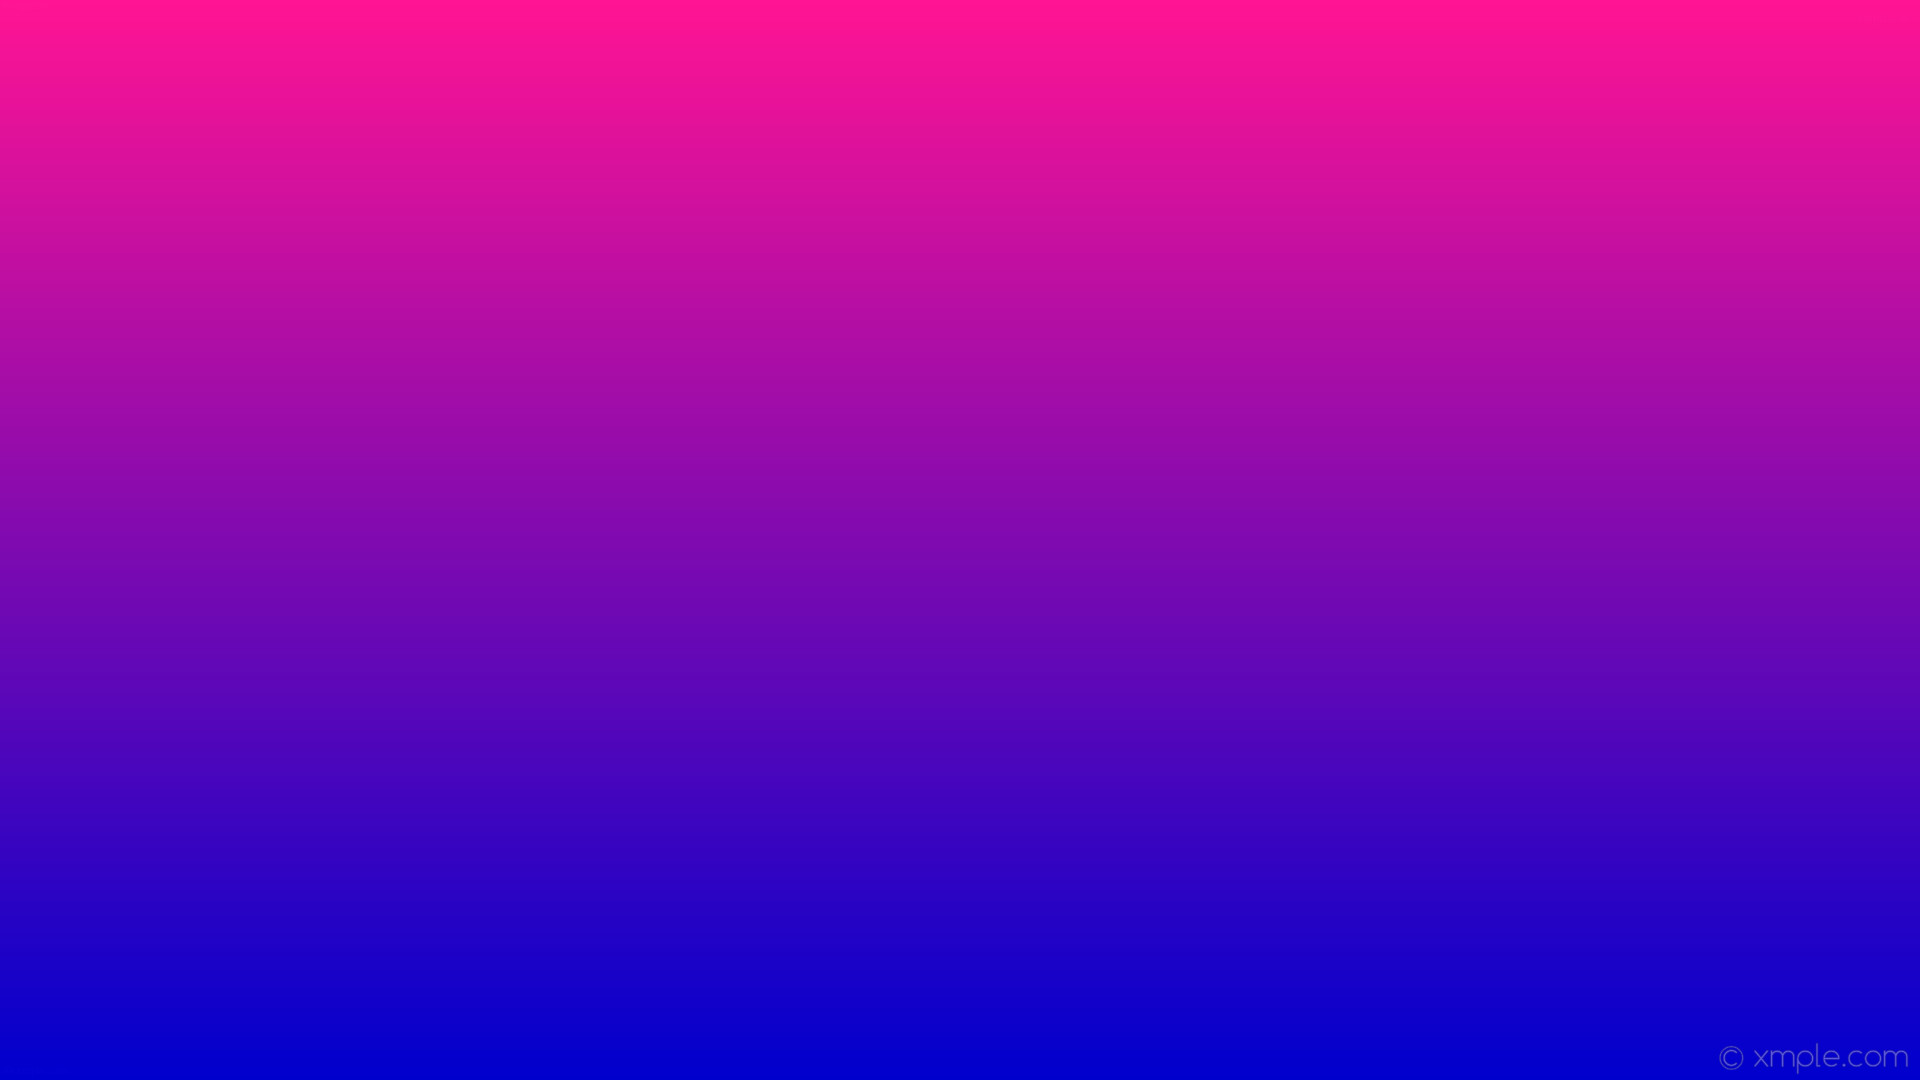 wallpaper blue gradient pink linear medium blue deep pink #0000cd #ff1493  270°